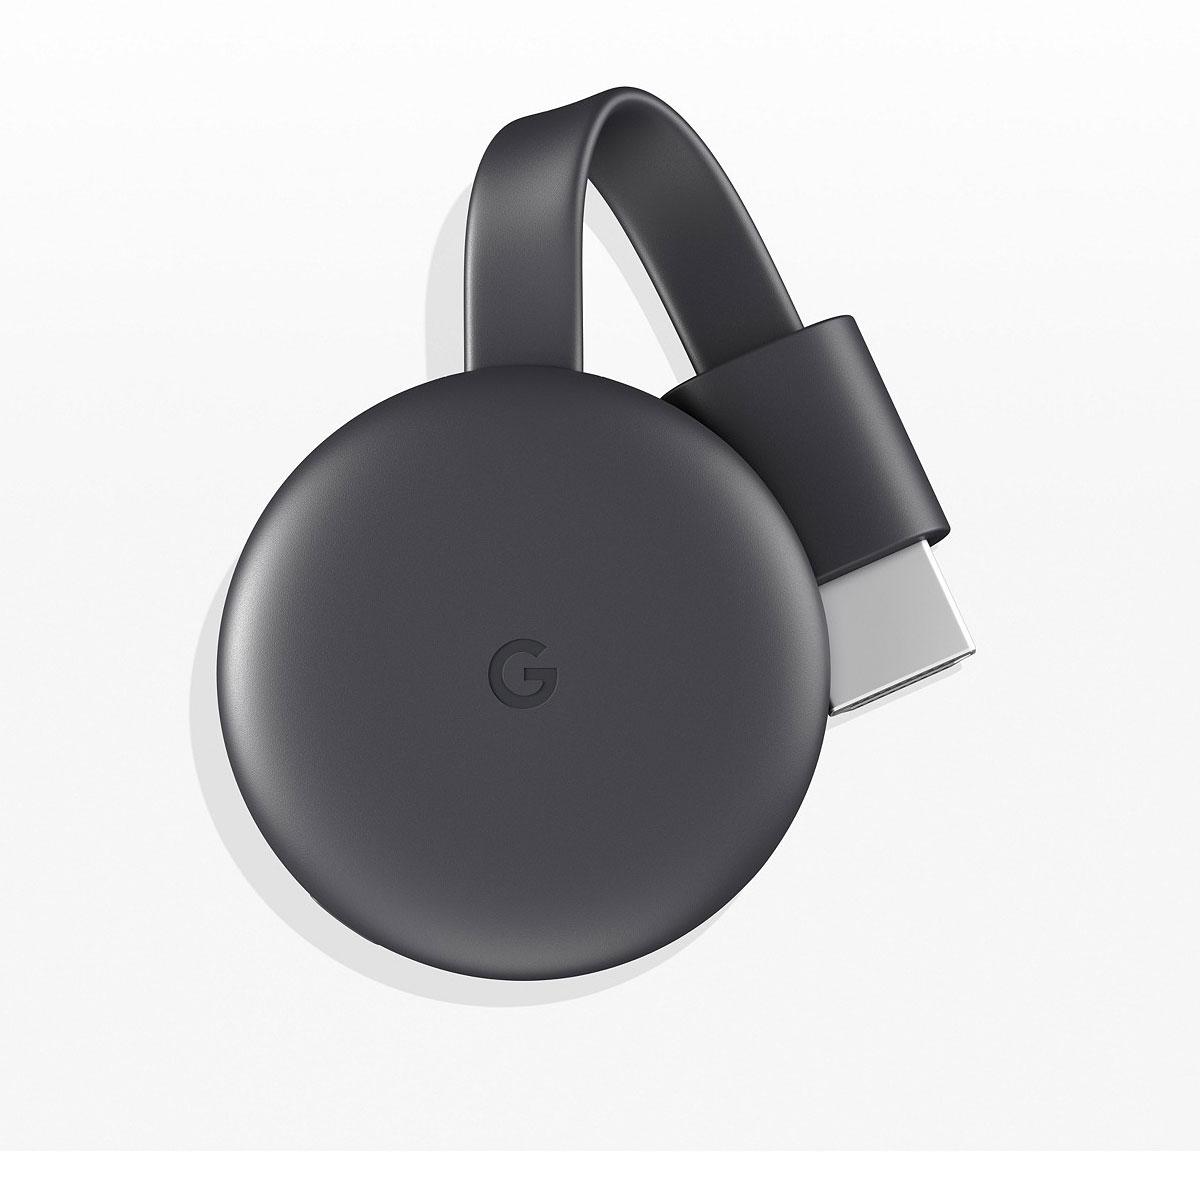 구글 크롬캐스트3 Google Chrome Cast 블랙 미국정품, ChromeCast 3